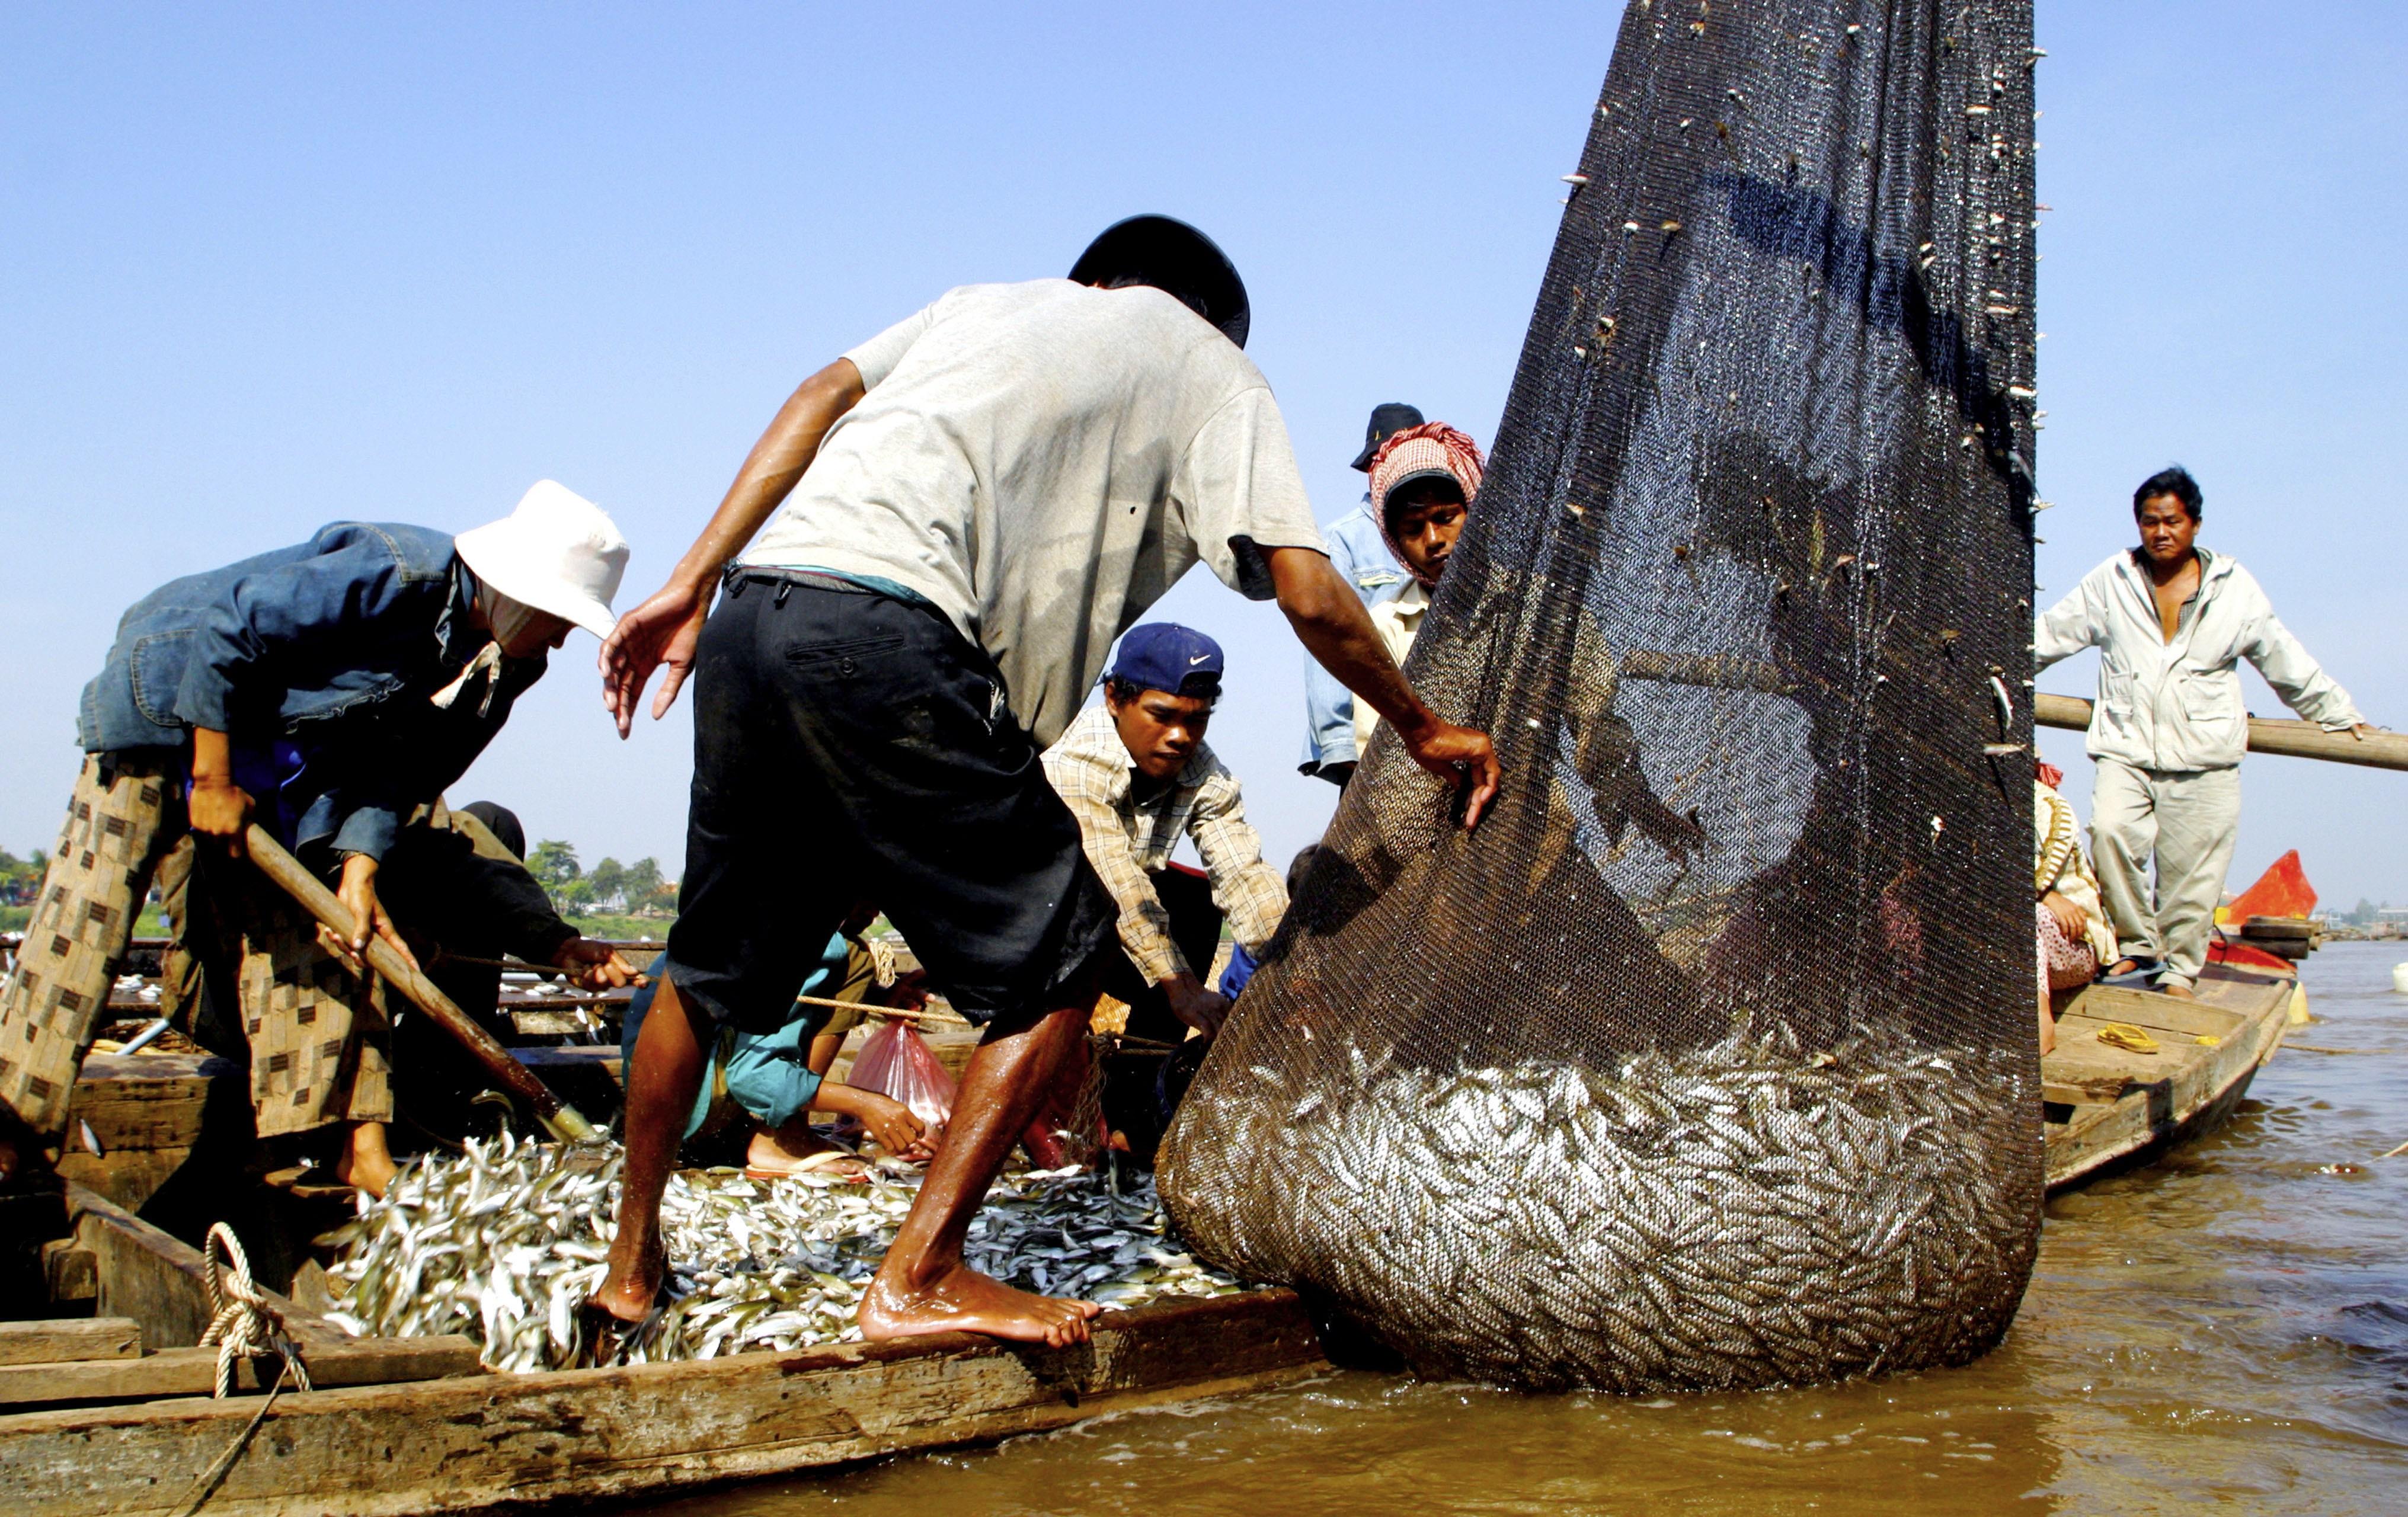 cambodia-daily-life